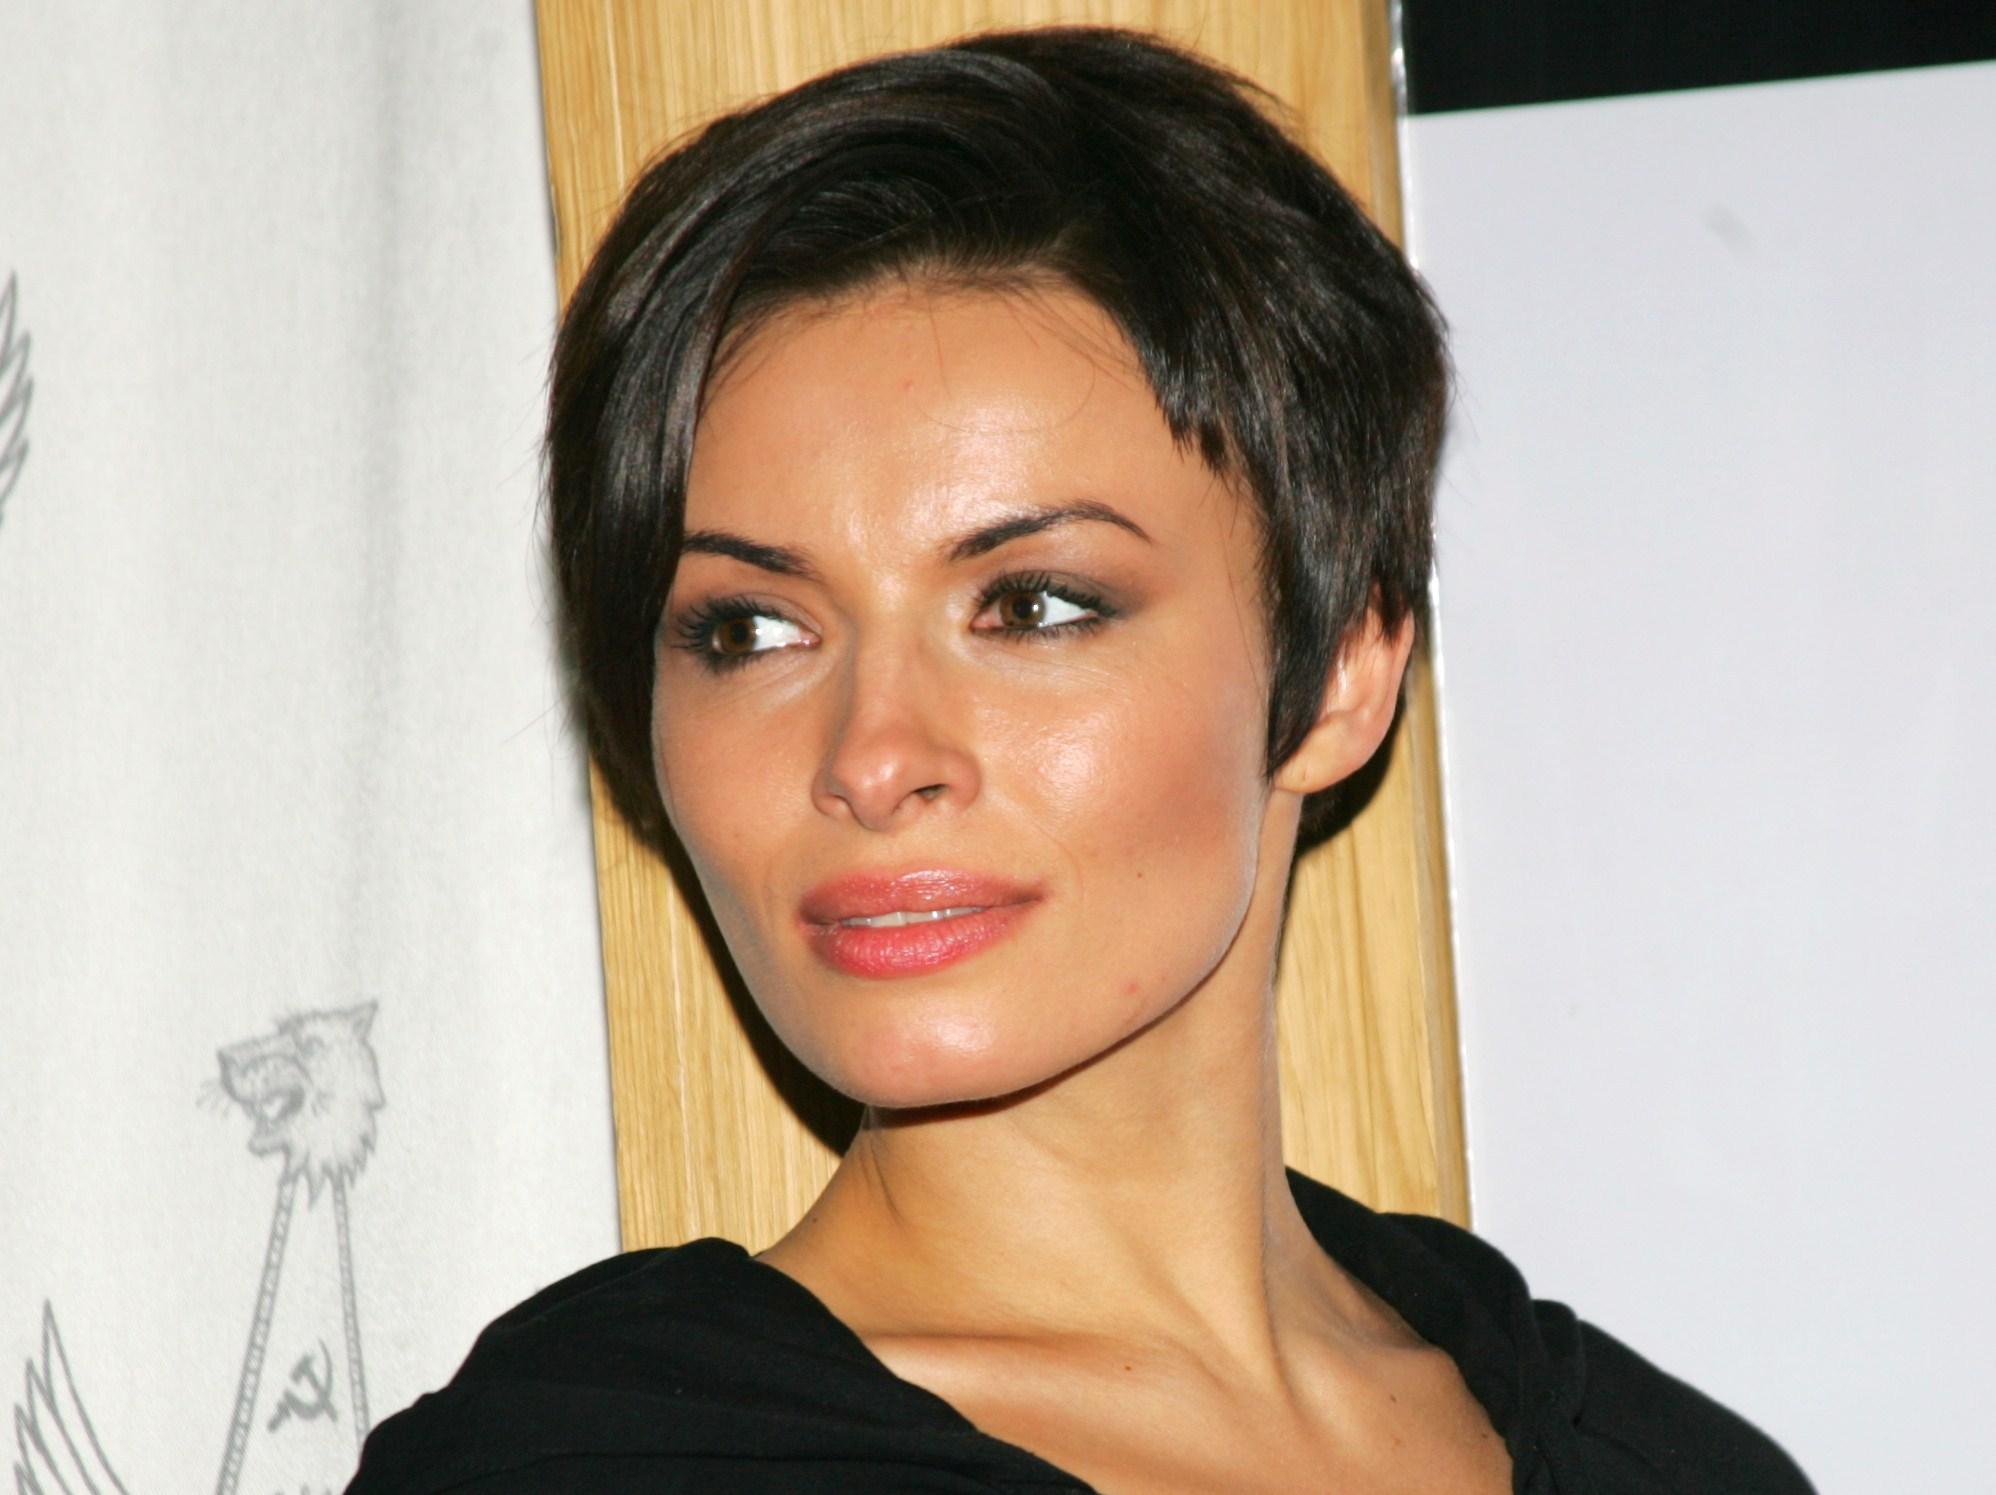 Надежда Мейхер-Грановская любит позировать голышом. Фото и видео бесплатно